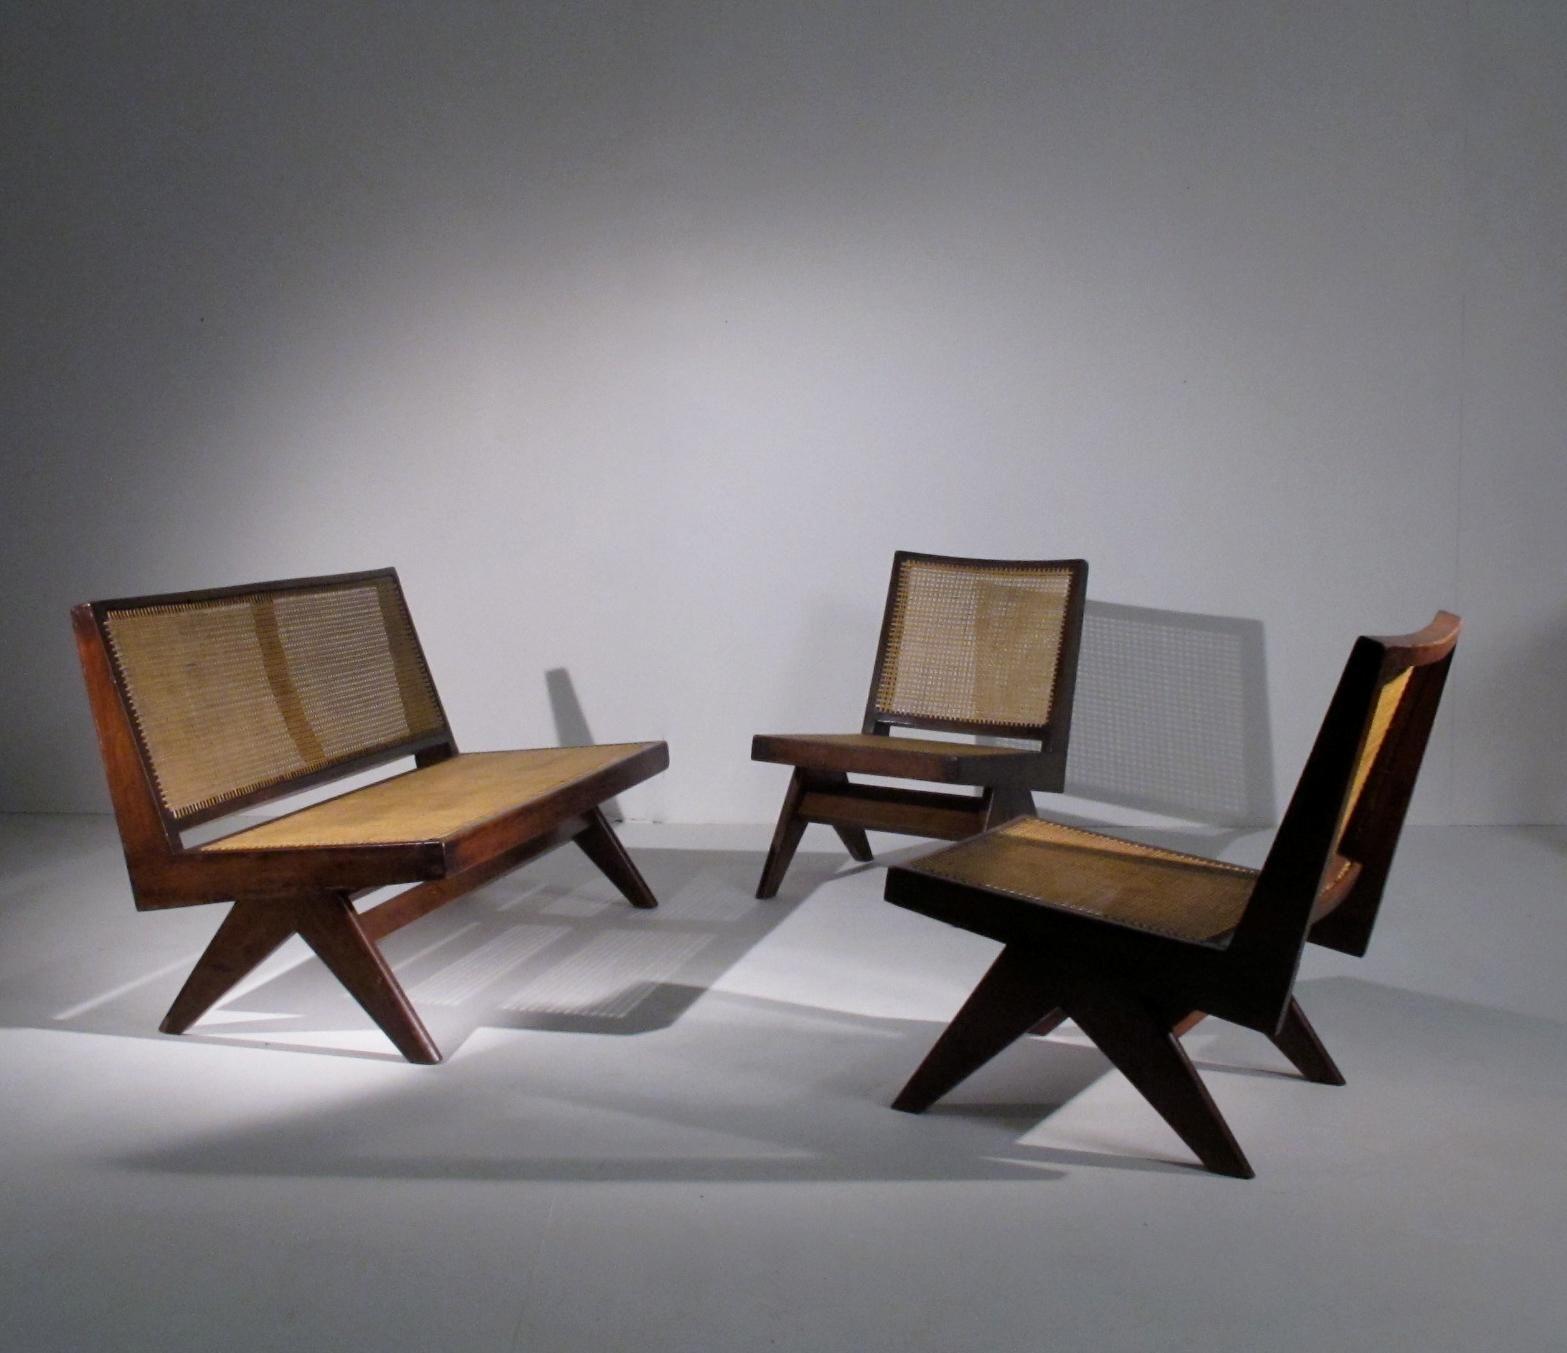 1000 Images About Pierre Jeanneret On Pinterest Armchairs Mobilier De Salon Mobilier Mobilier Indien